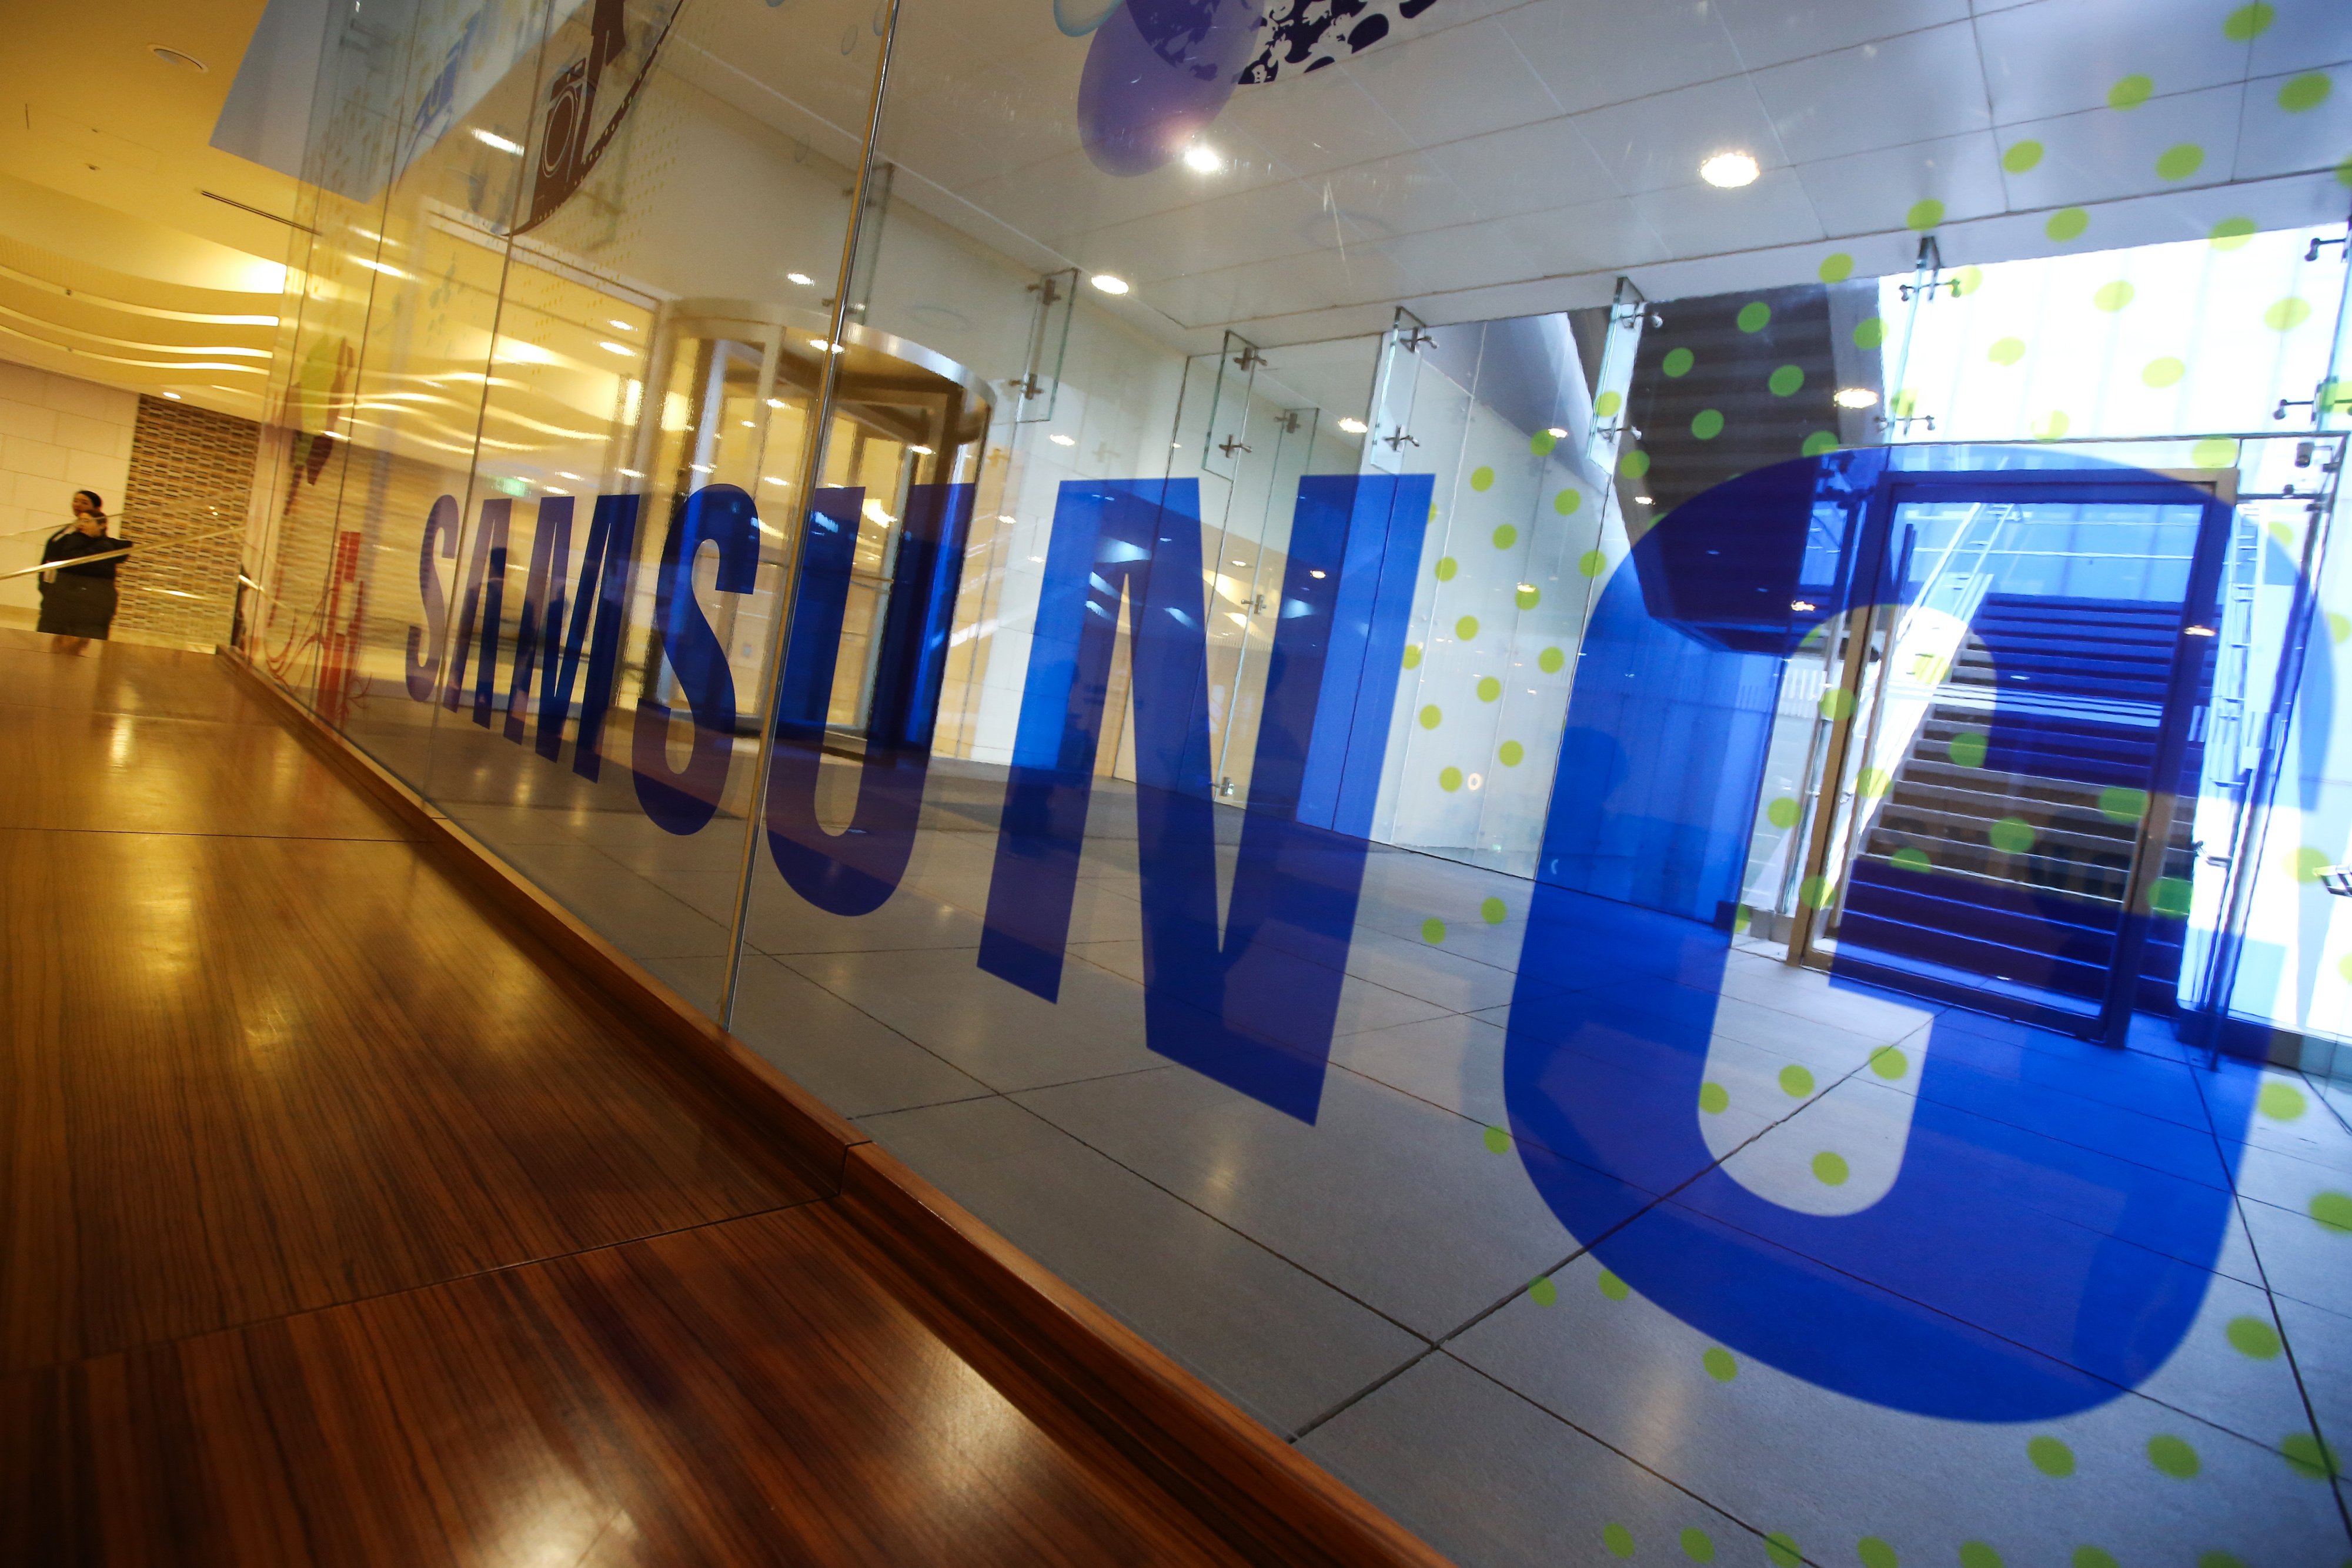 Views Of Samsung Group Buildings As Heir Jay Y. Lee Is Arrested on Bribery Allegations